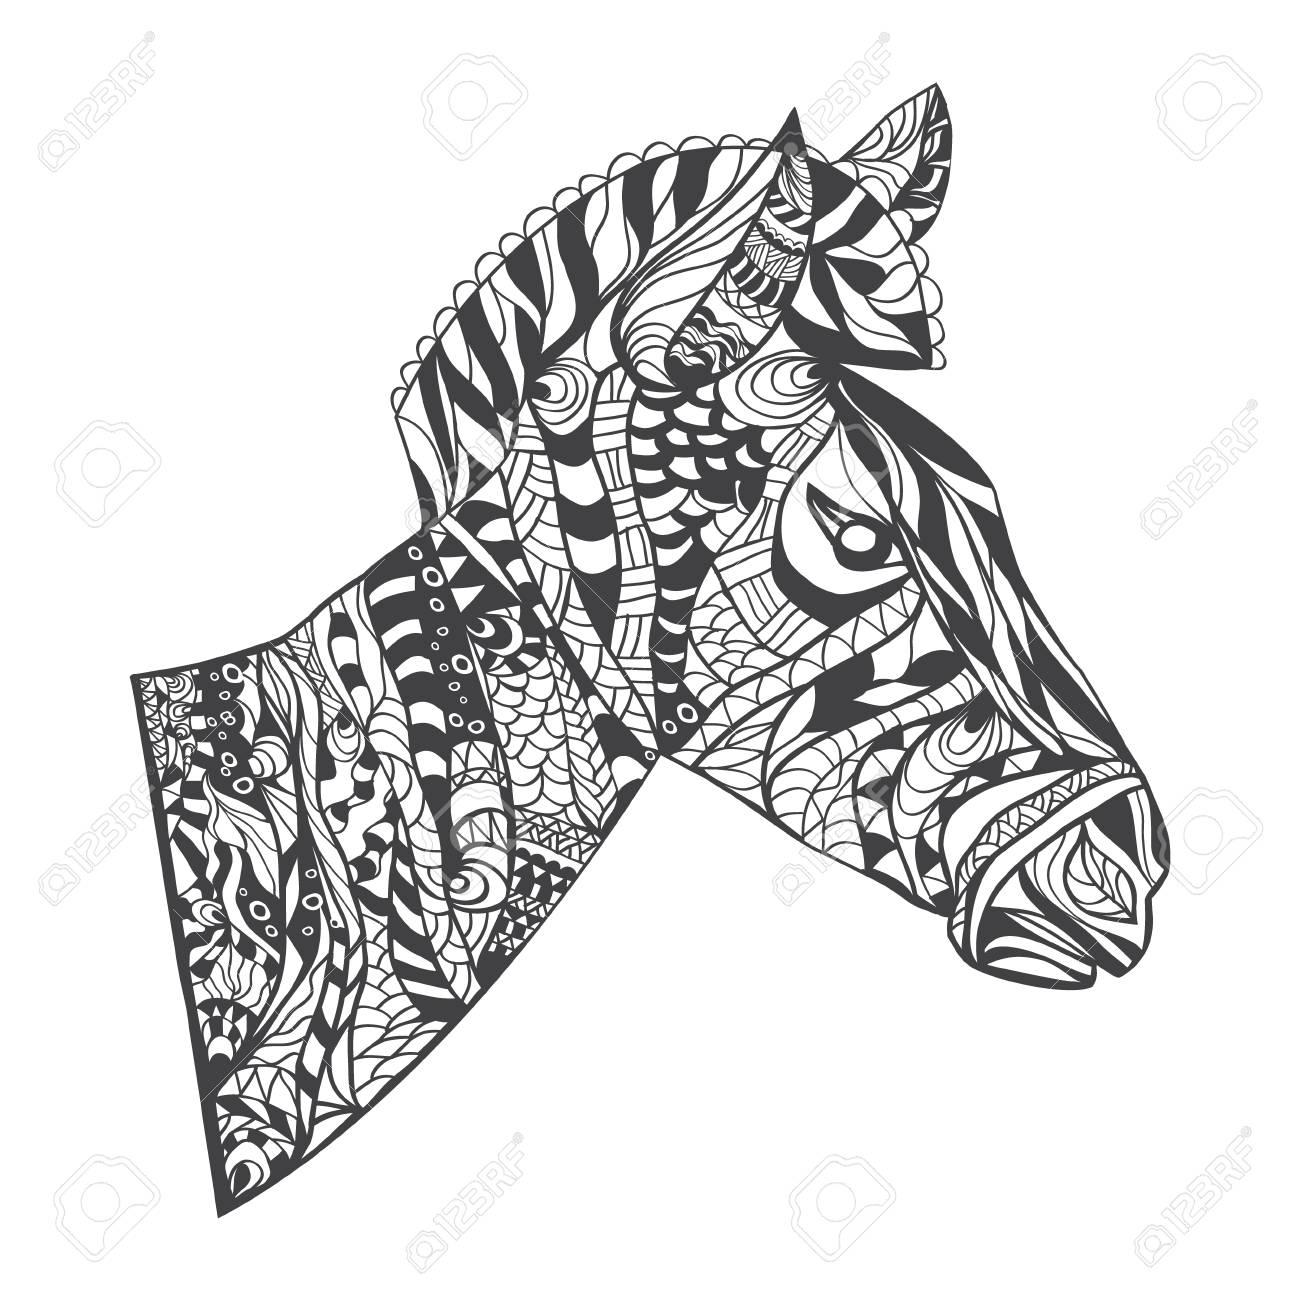 Zentangle Estilo De Ilustración Vectorial Cabeza Zebra, La Impresión ...